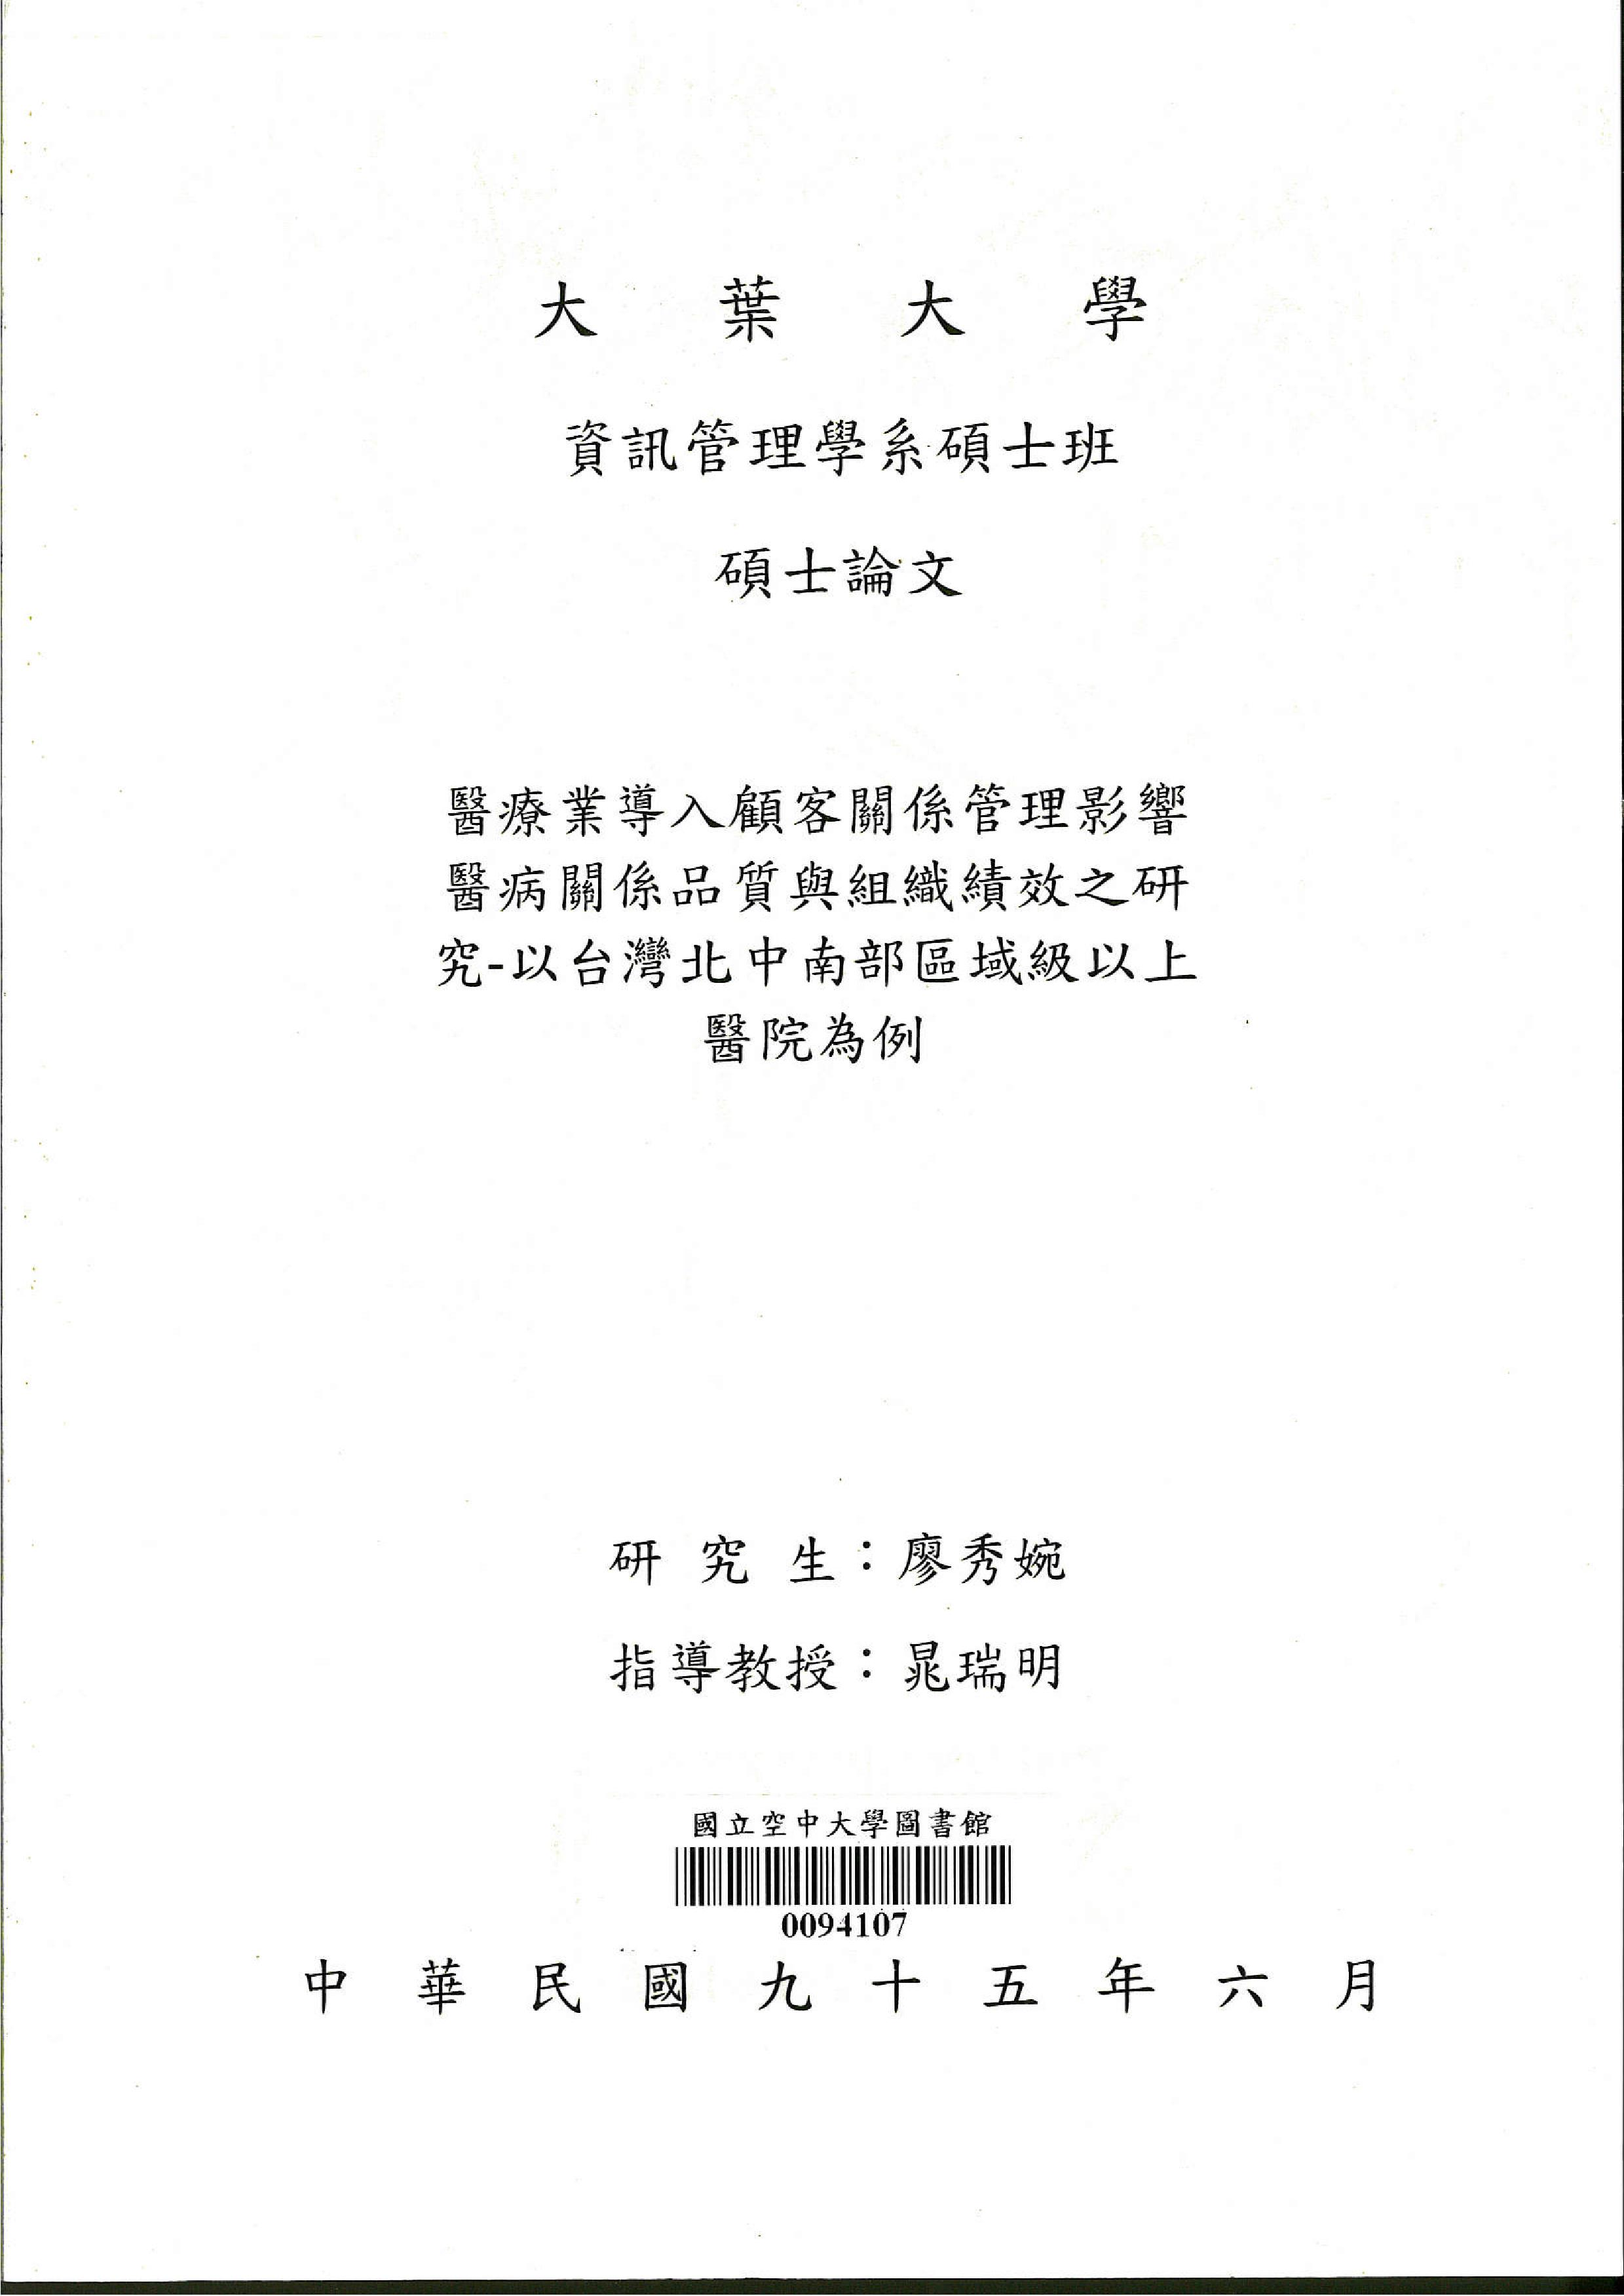 醫療業導入顧客關係管理影響醫病關係品質與組織績效之研究: 以台灣北中南部區域級以上醫院為例=A Study of CRM in Health Care Industry Focused on Influences in Practitioner Relationship Quality and Organizational Performance─Using Regional Hospitals in Taiwan as Example